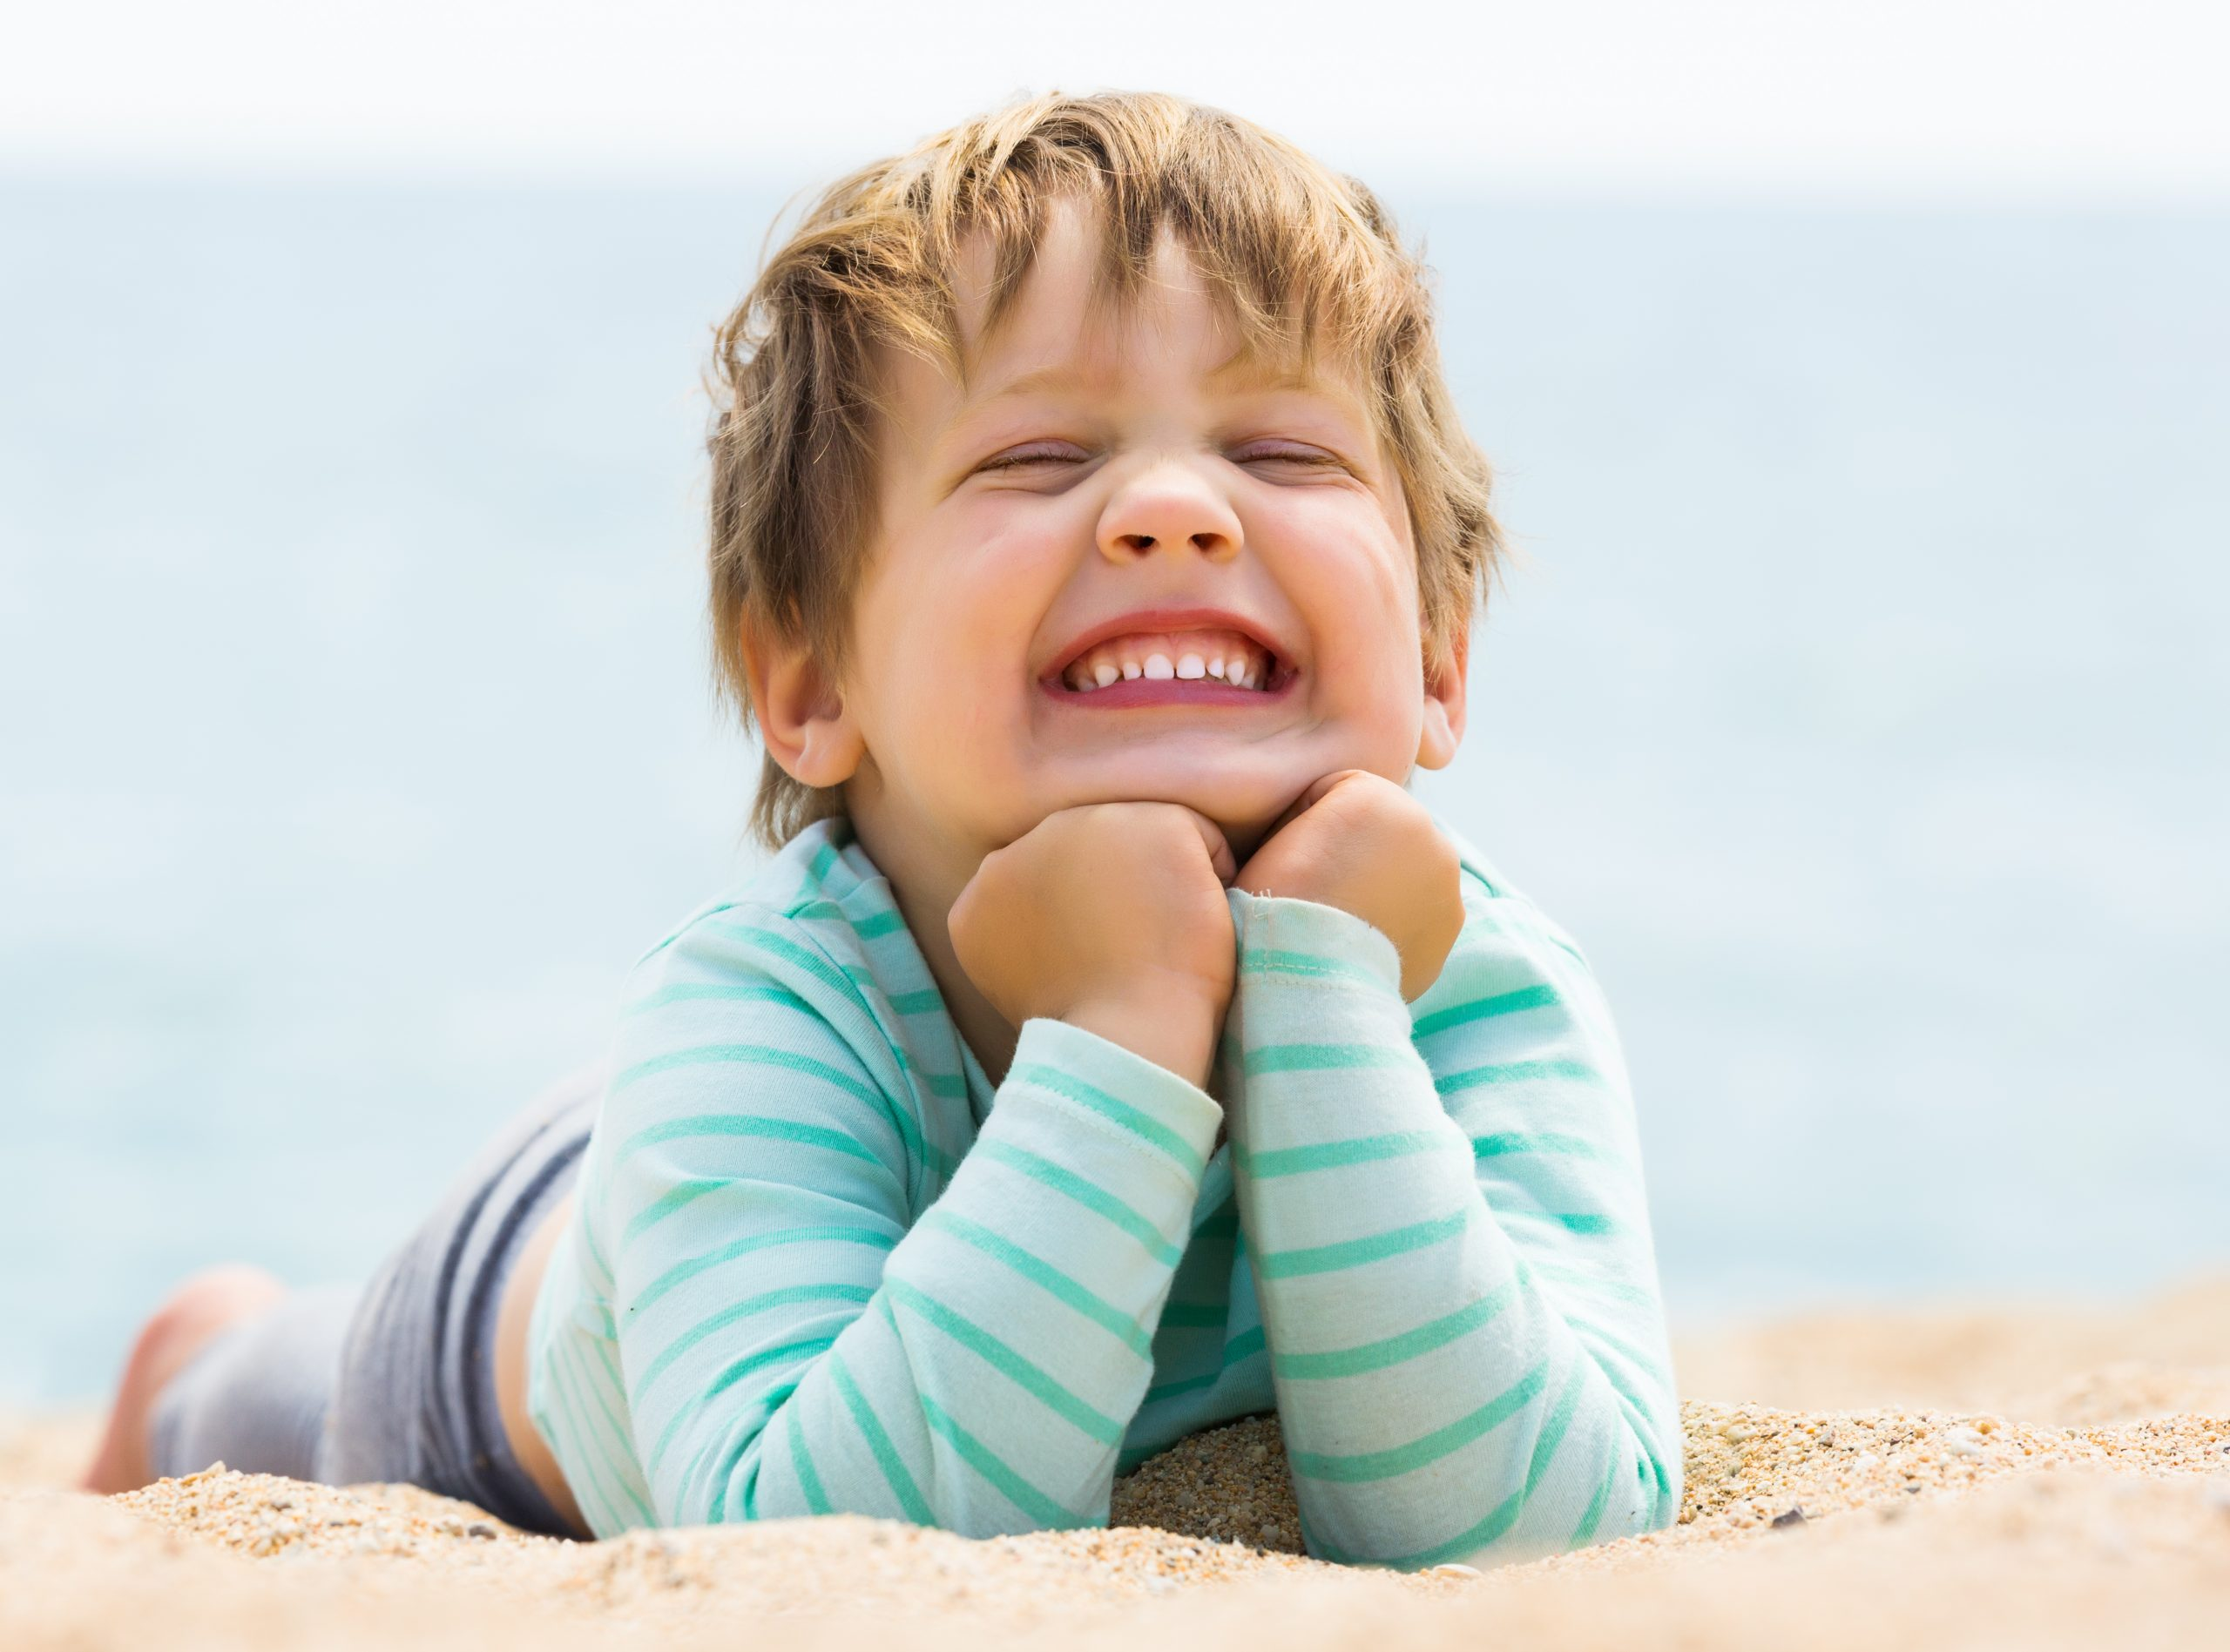 4 Συμβουλές για διατηρήσουν τα παιδιά σας ένα υγειές καλοκαιρινό χαμόγελο